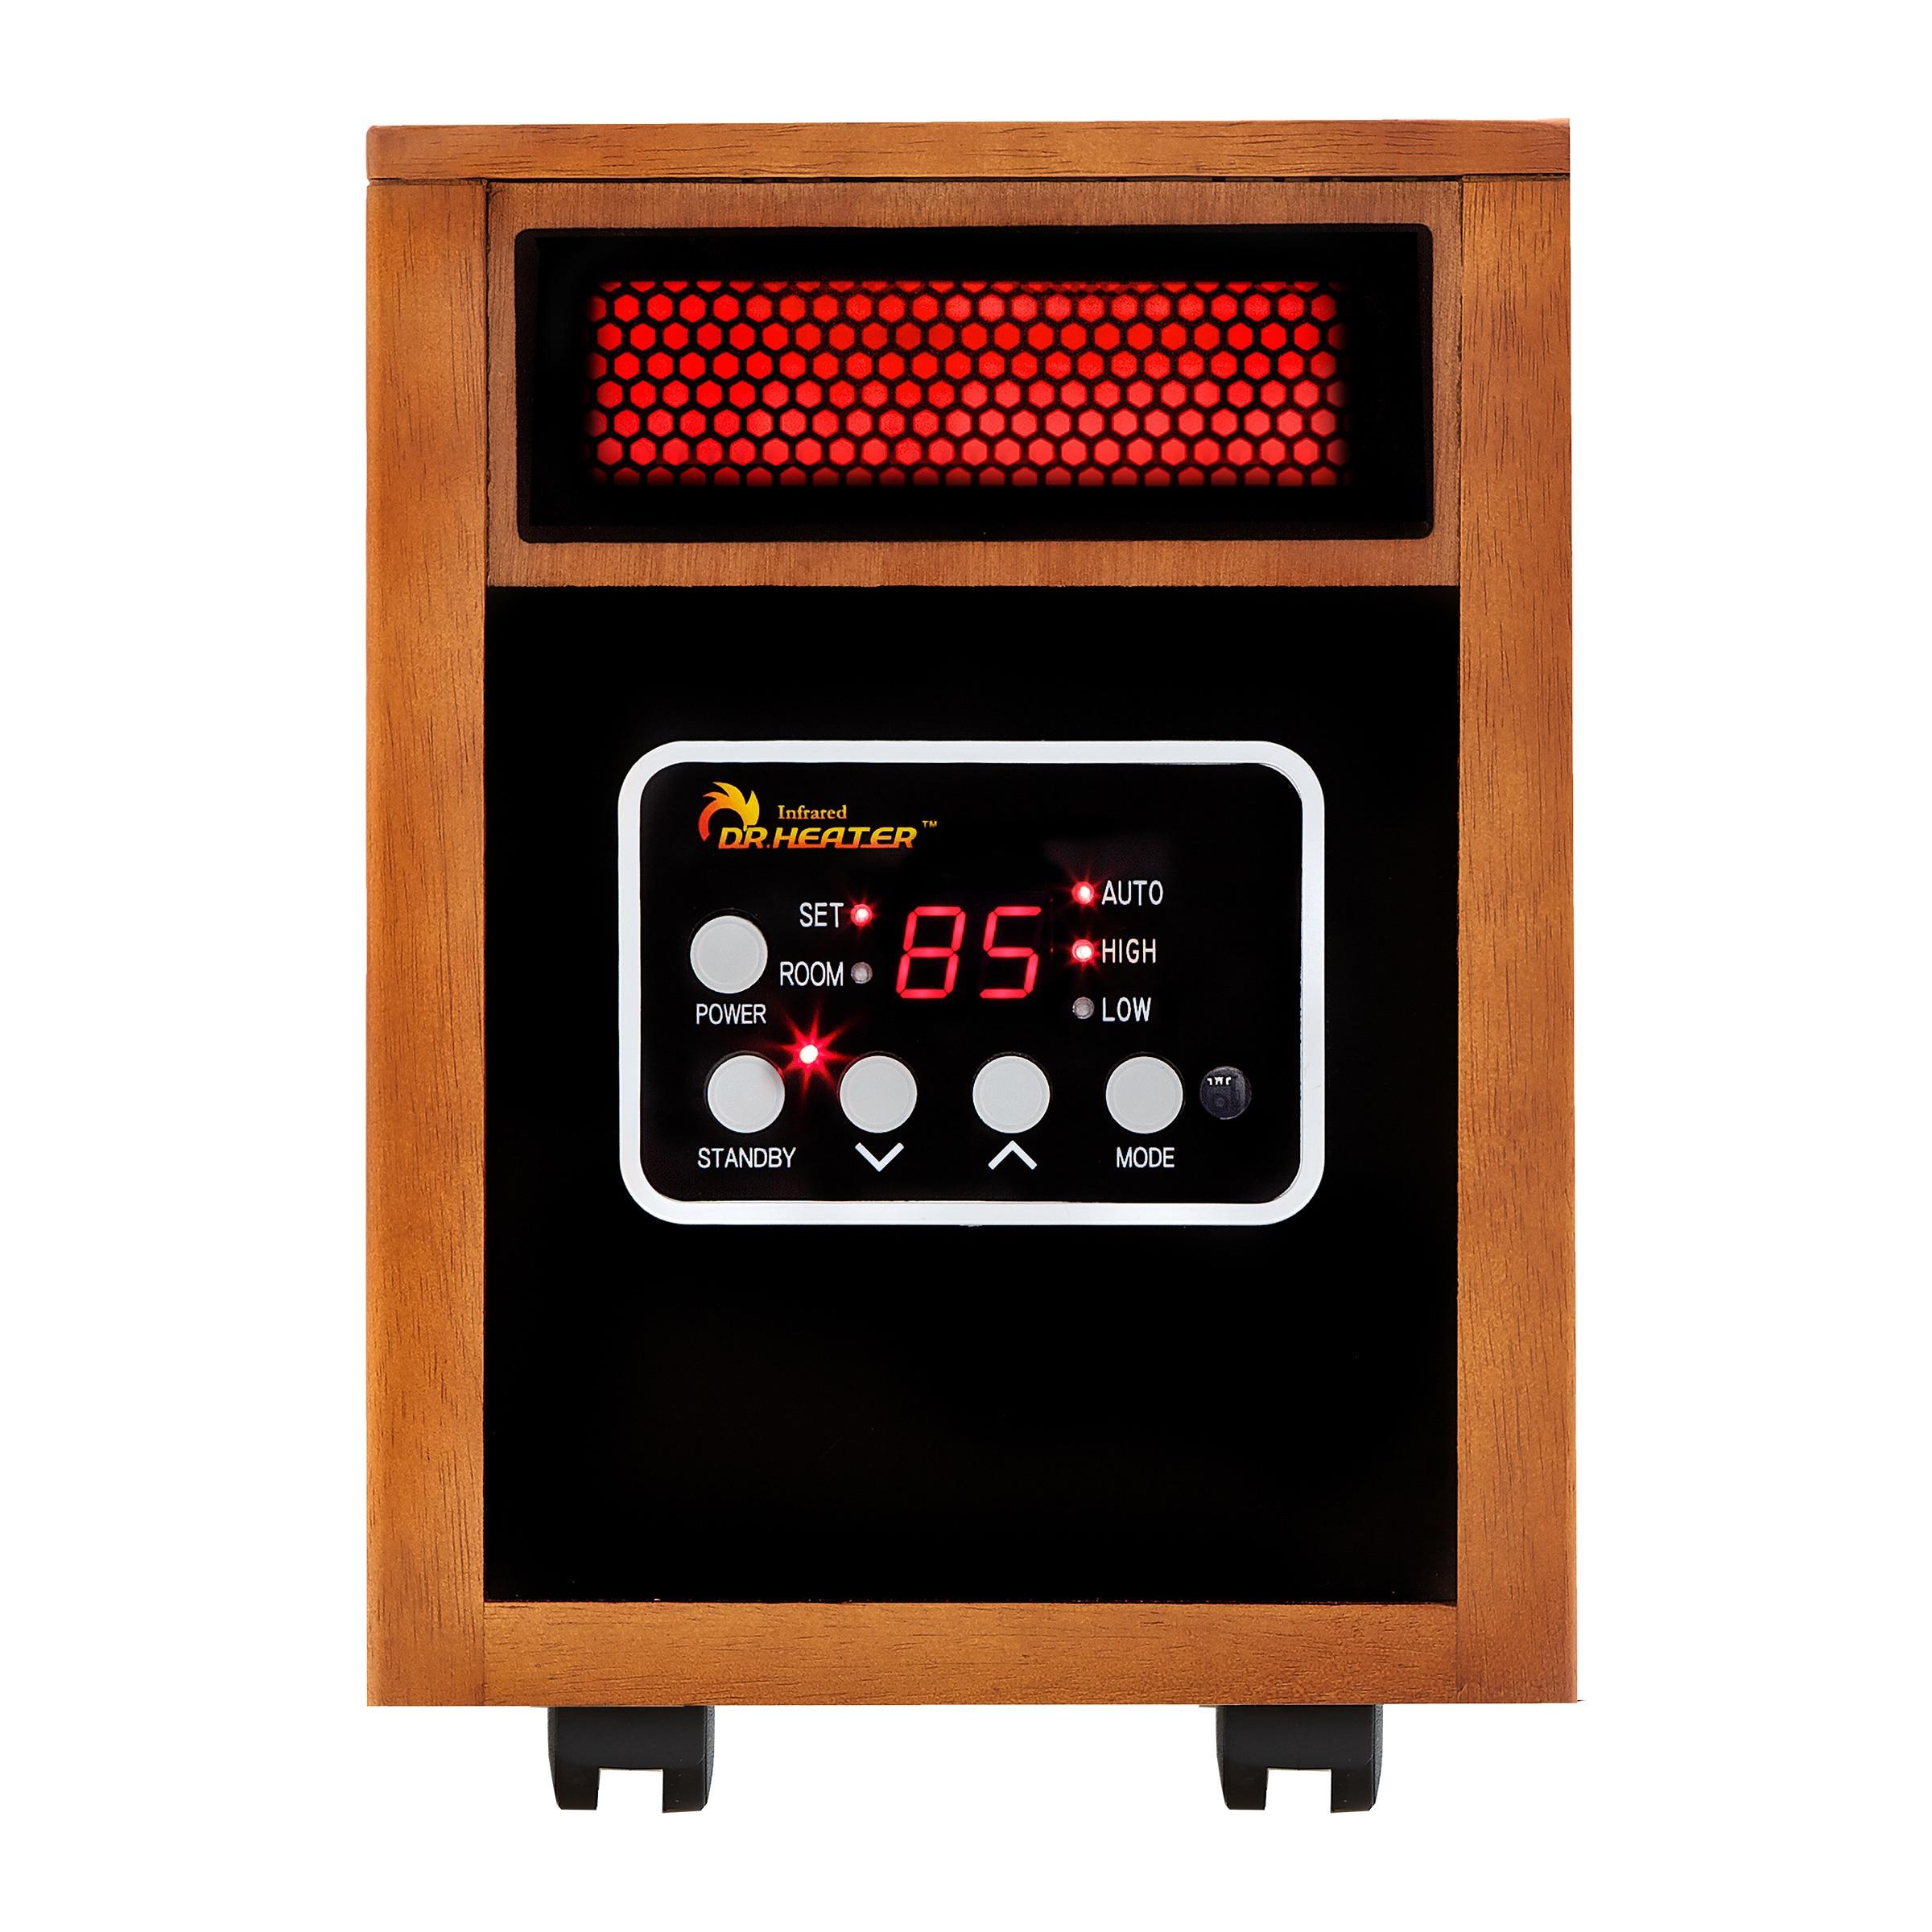 USA Dr Infrared Heater 1500W Dual System Portable Quartz ...